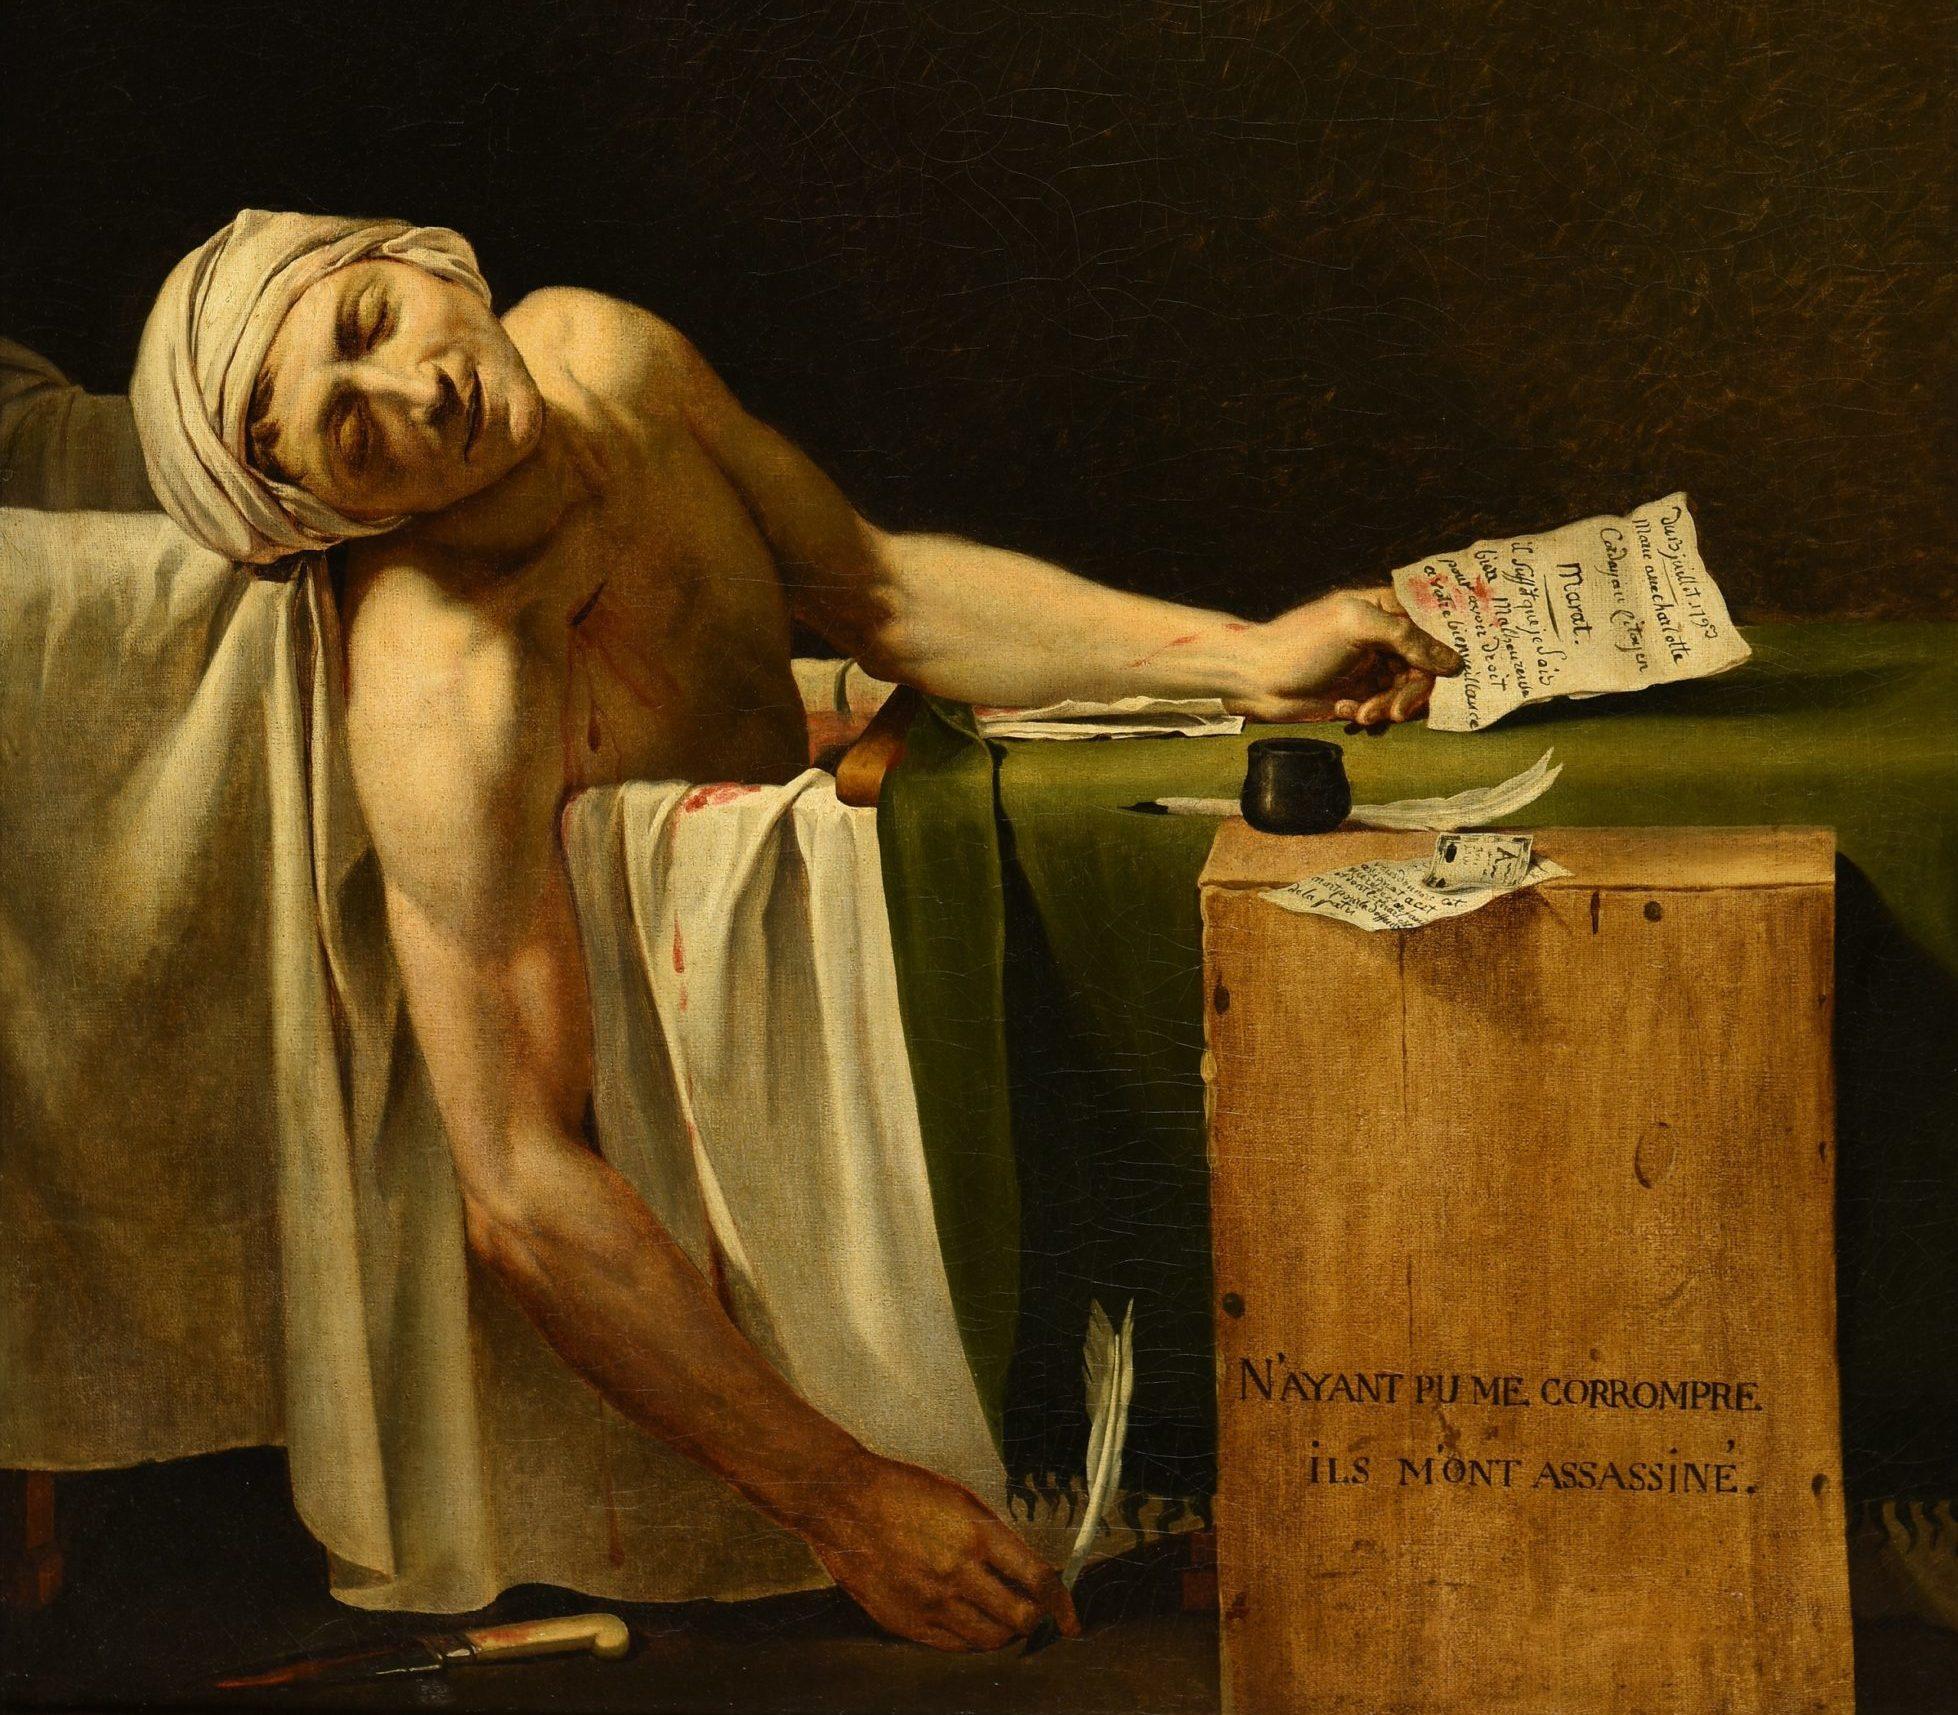 David e Caravaggio. La crudeltà della natura, il profumo dell'ideale. A Napoli